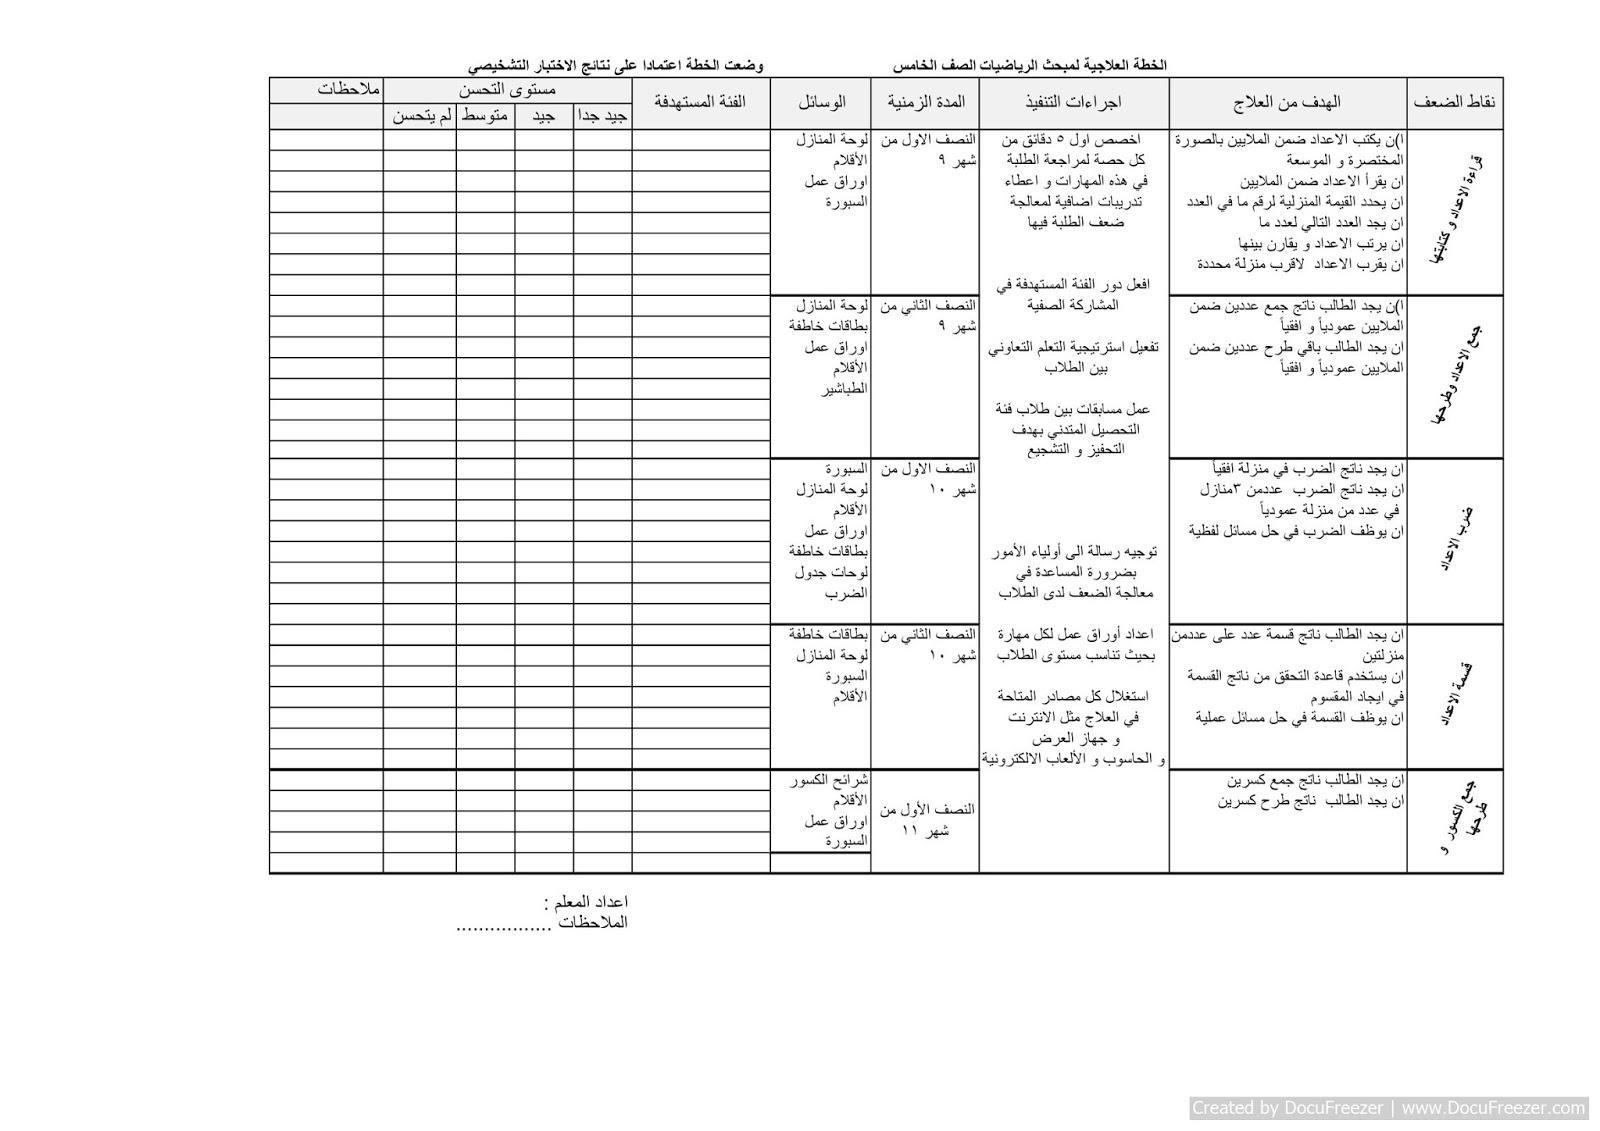 خطة علاجية الرياضيات الصف الخامس الفصل الاول %D8%AE%D8%B7%D8%A9-%